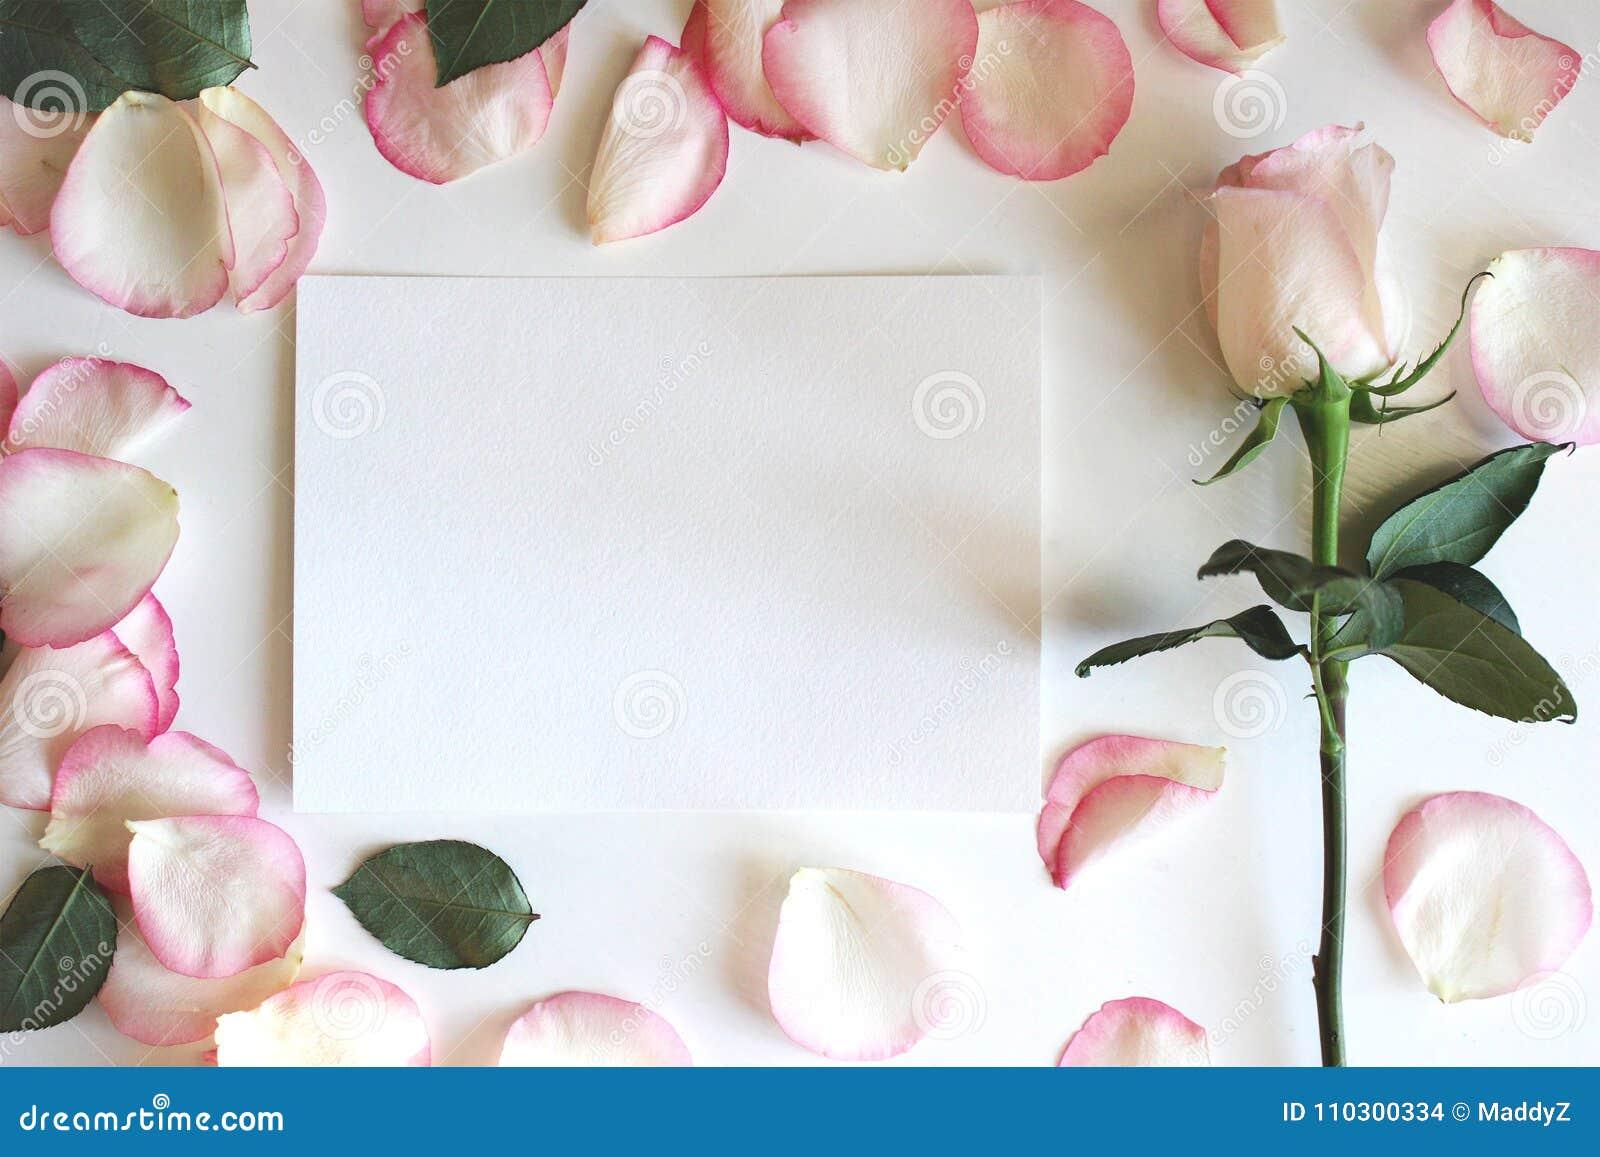 Κοκκινίστε ρόδινος αυξήθηκε και πέταλα Οριζόντιο κενό πρότυπο εγγράφου Γάμος, ρομαντικό πρότυπο Το υπόβαθρο, επίπεδο βάζει, πρότυ